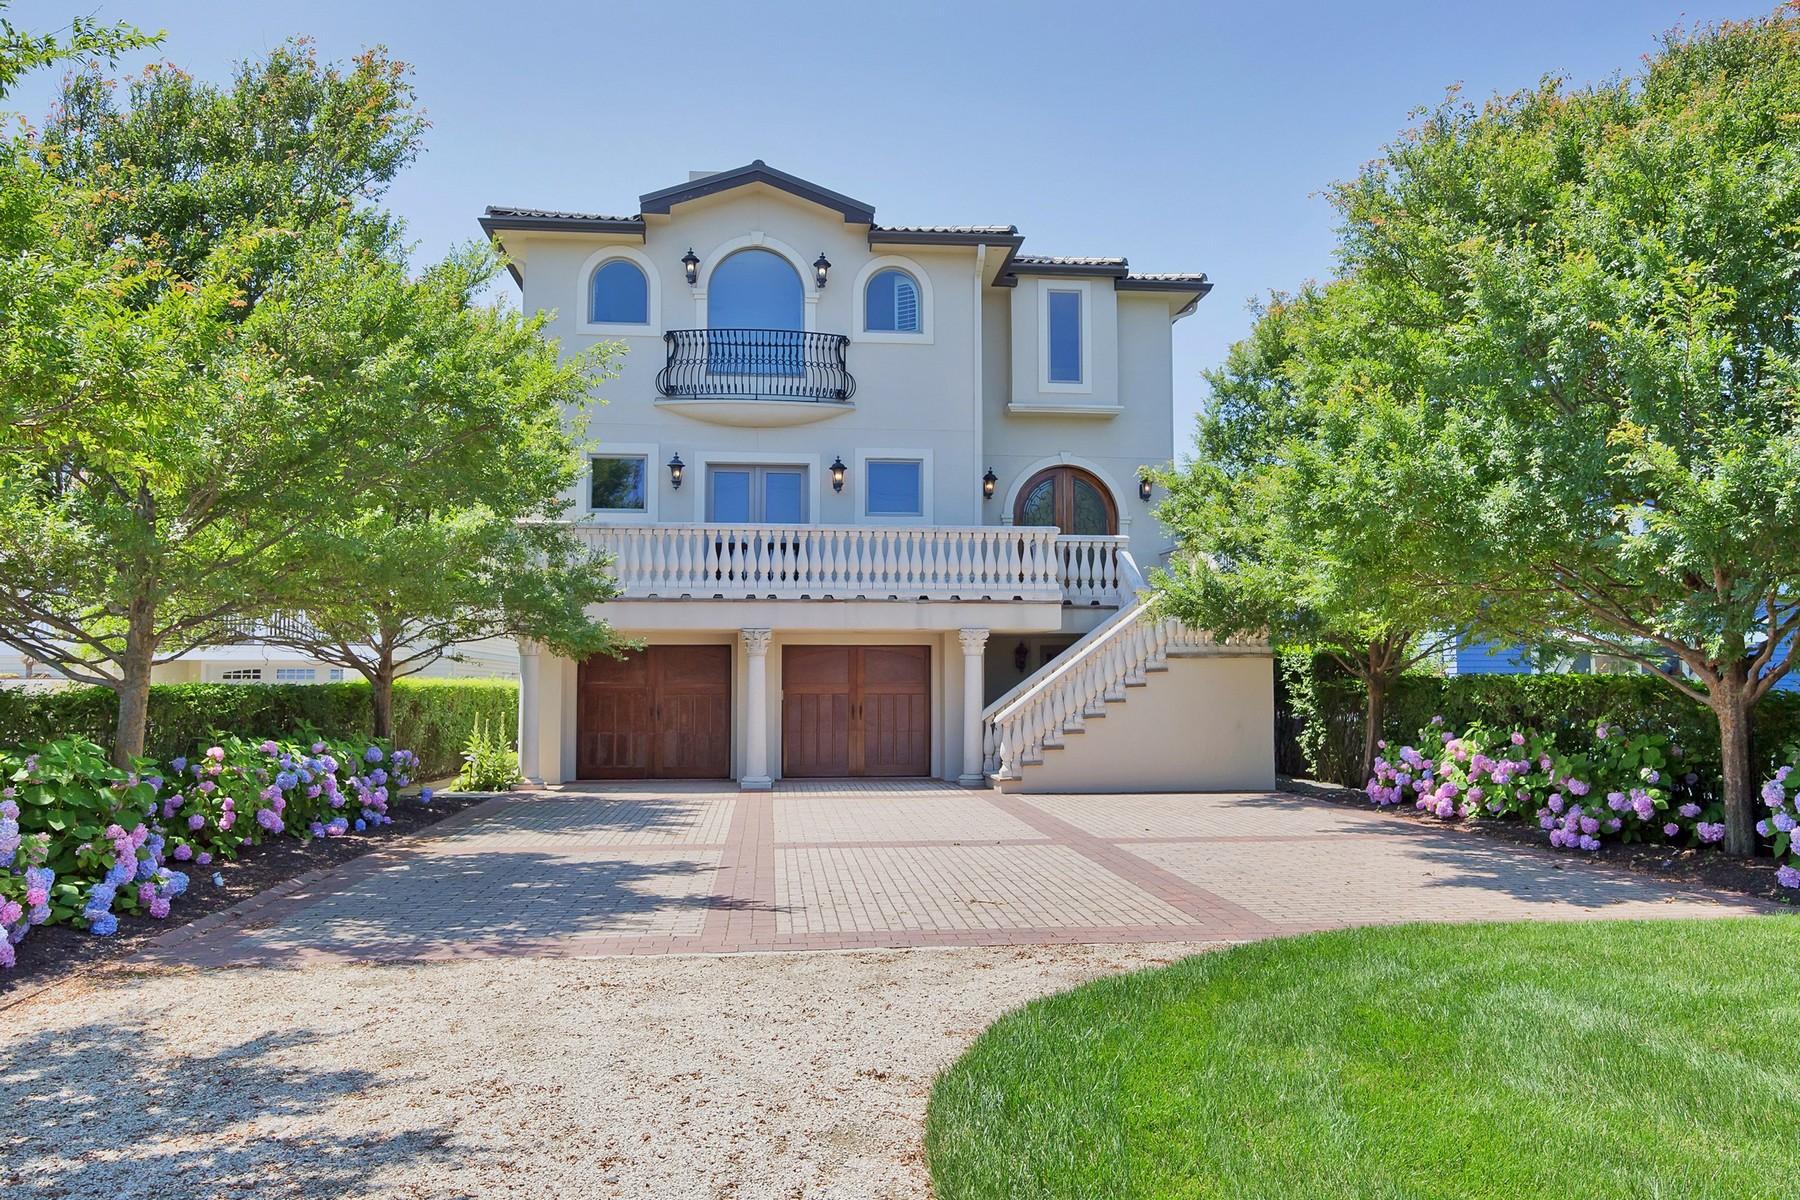 Maison unifamiliale pour l Vente à 314 Ocean Ave., Sea Bright Sea Bright, New Jersey 07760 États-Unis